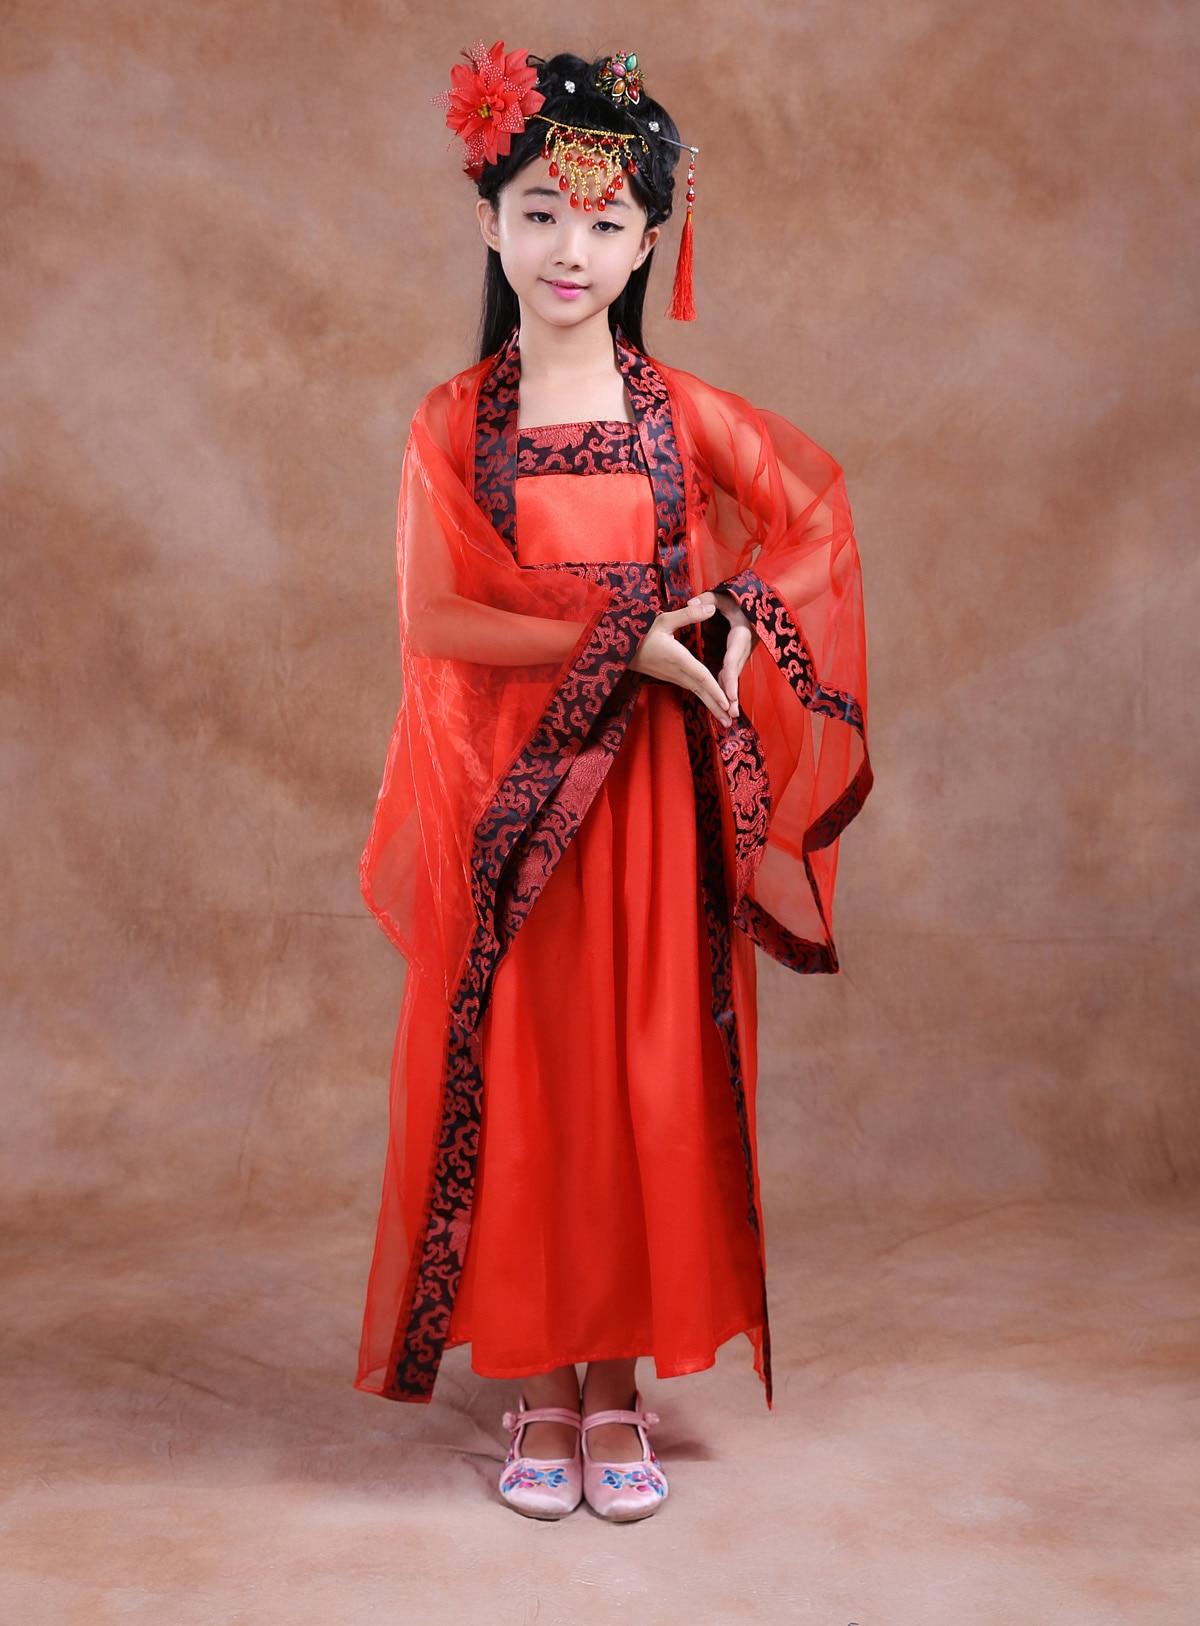 Enfants de Filles Nationales Montrent Des Vêtements Anciens Costume de Scène Chinois Danse Folklorique Client Danse